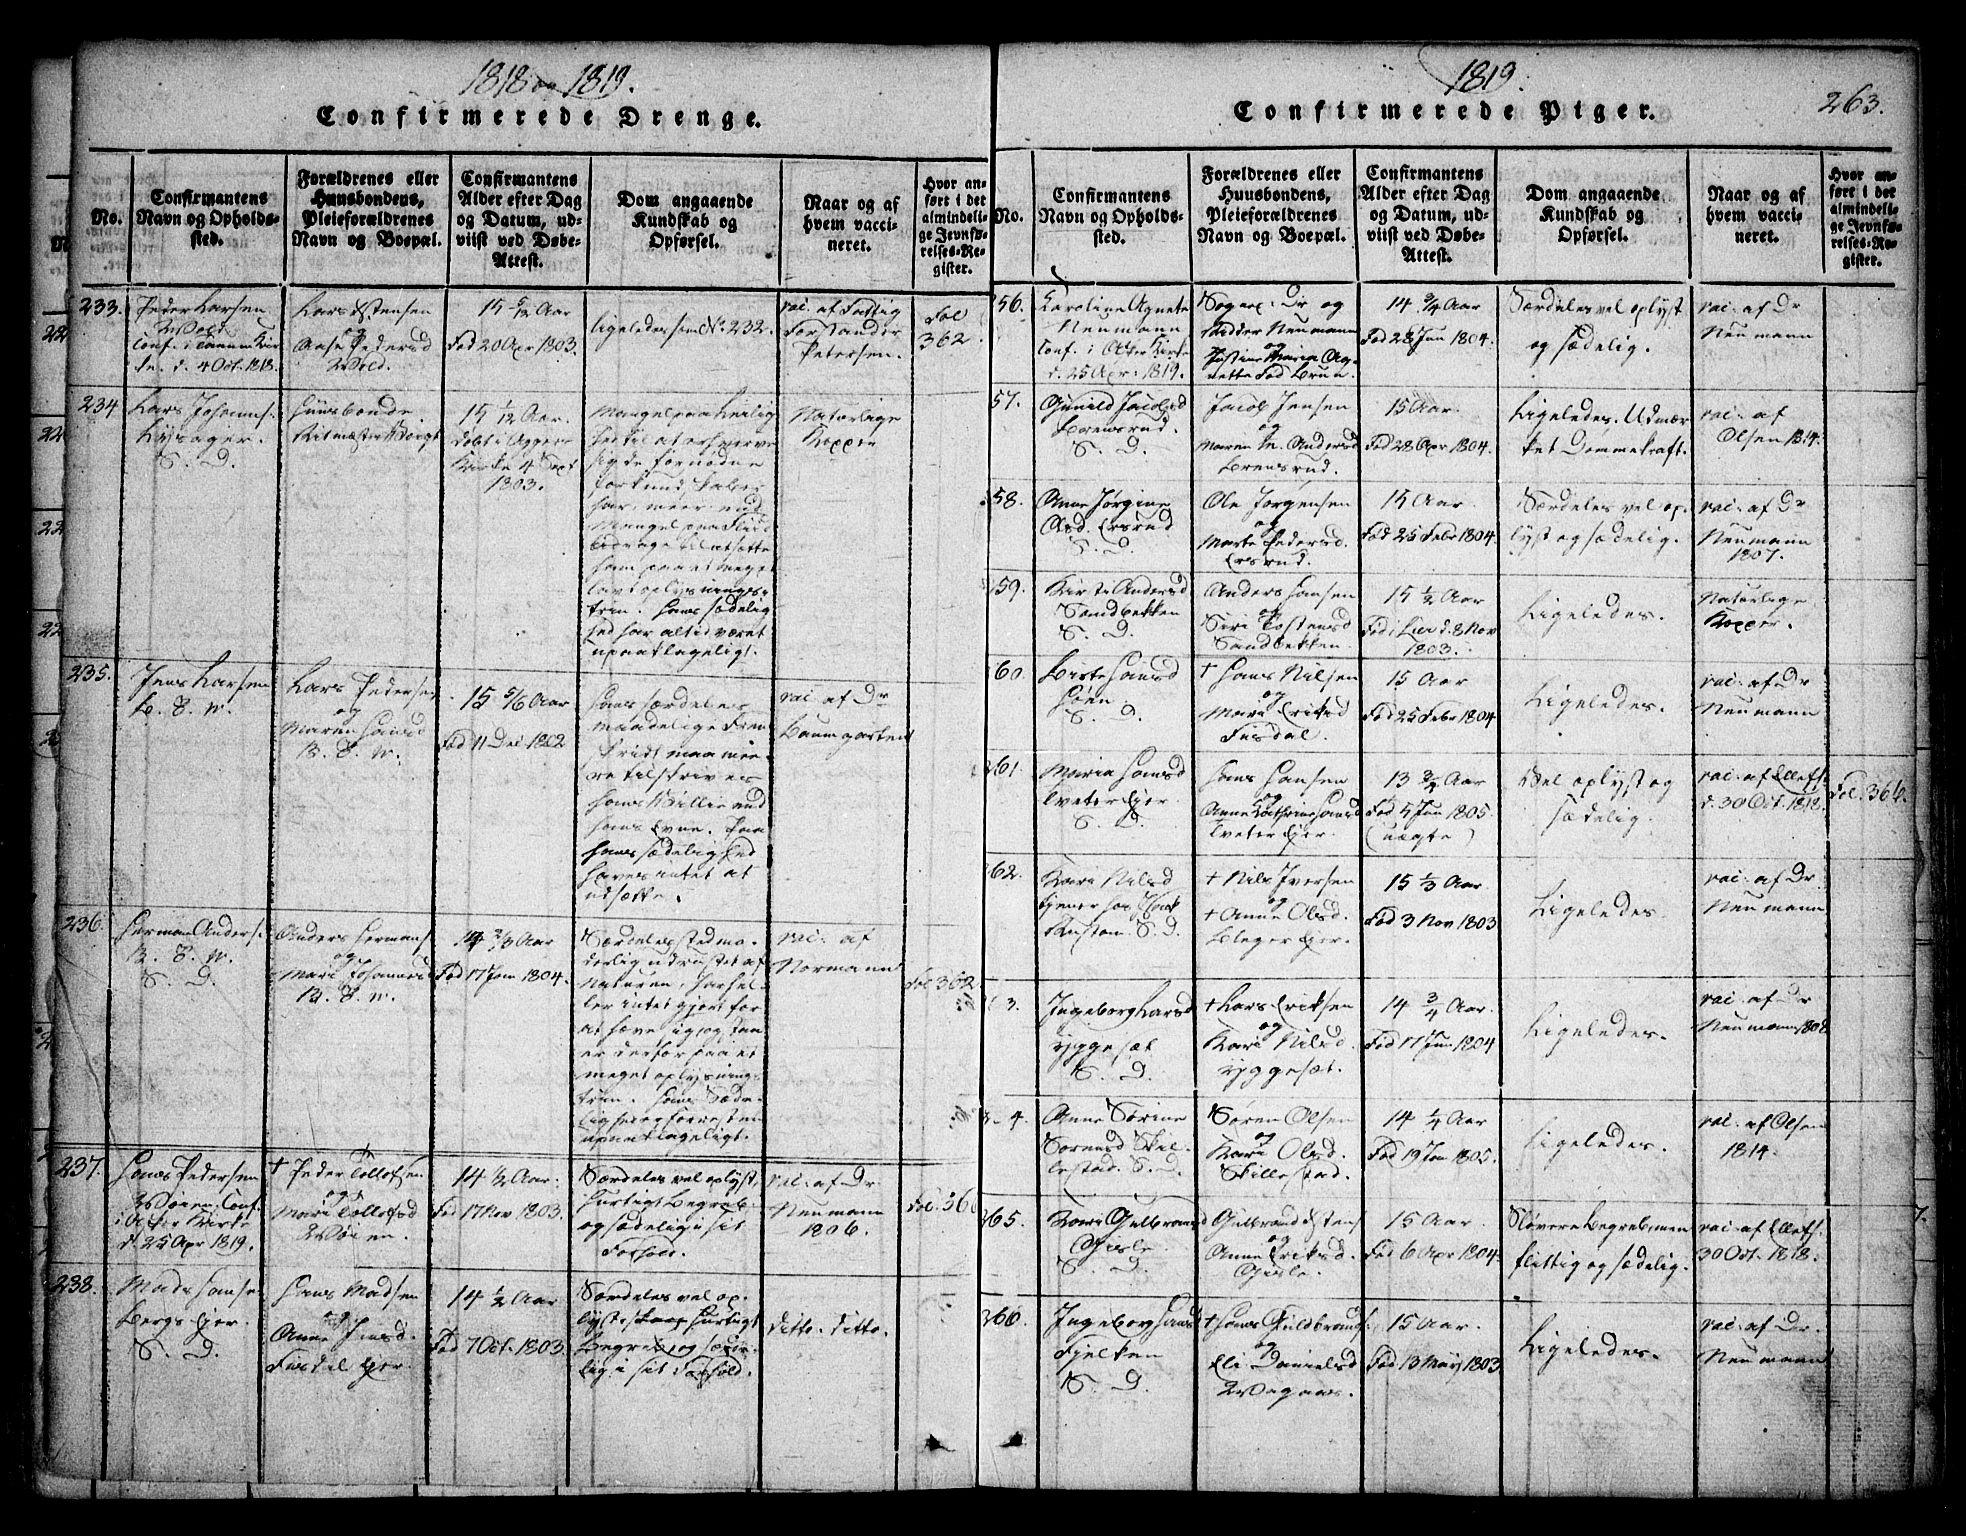 SAO, Asker prestekontor Kirkebøker, F/Fa/L0006: Ministerialbok nr. I 6, 1814-1824, s. 263